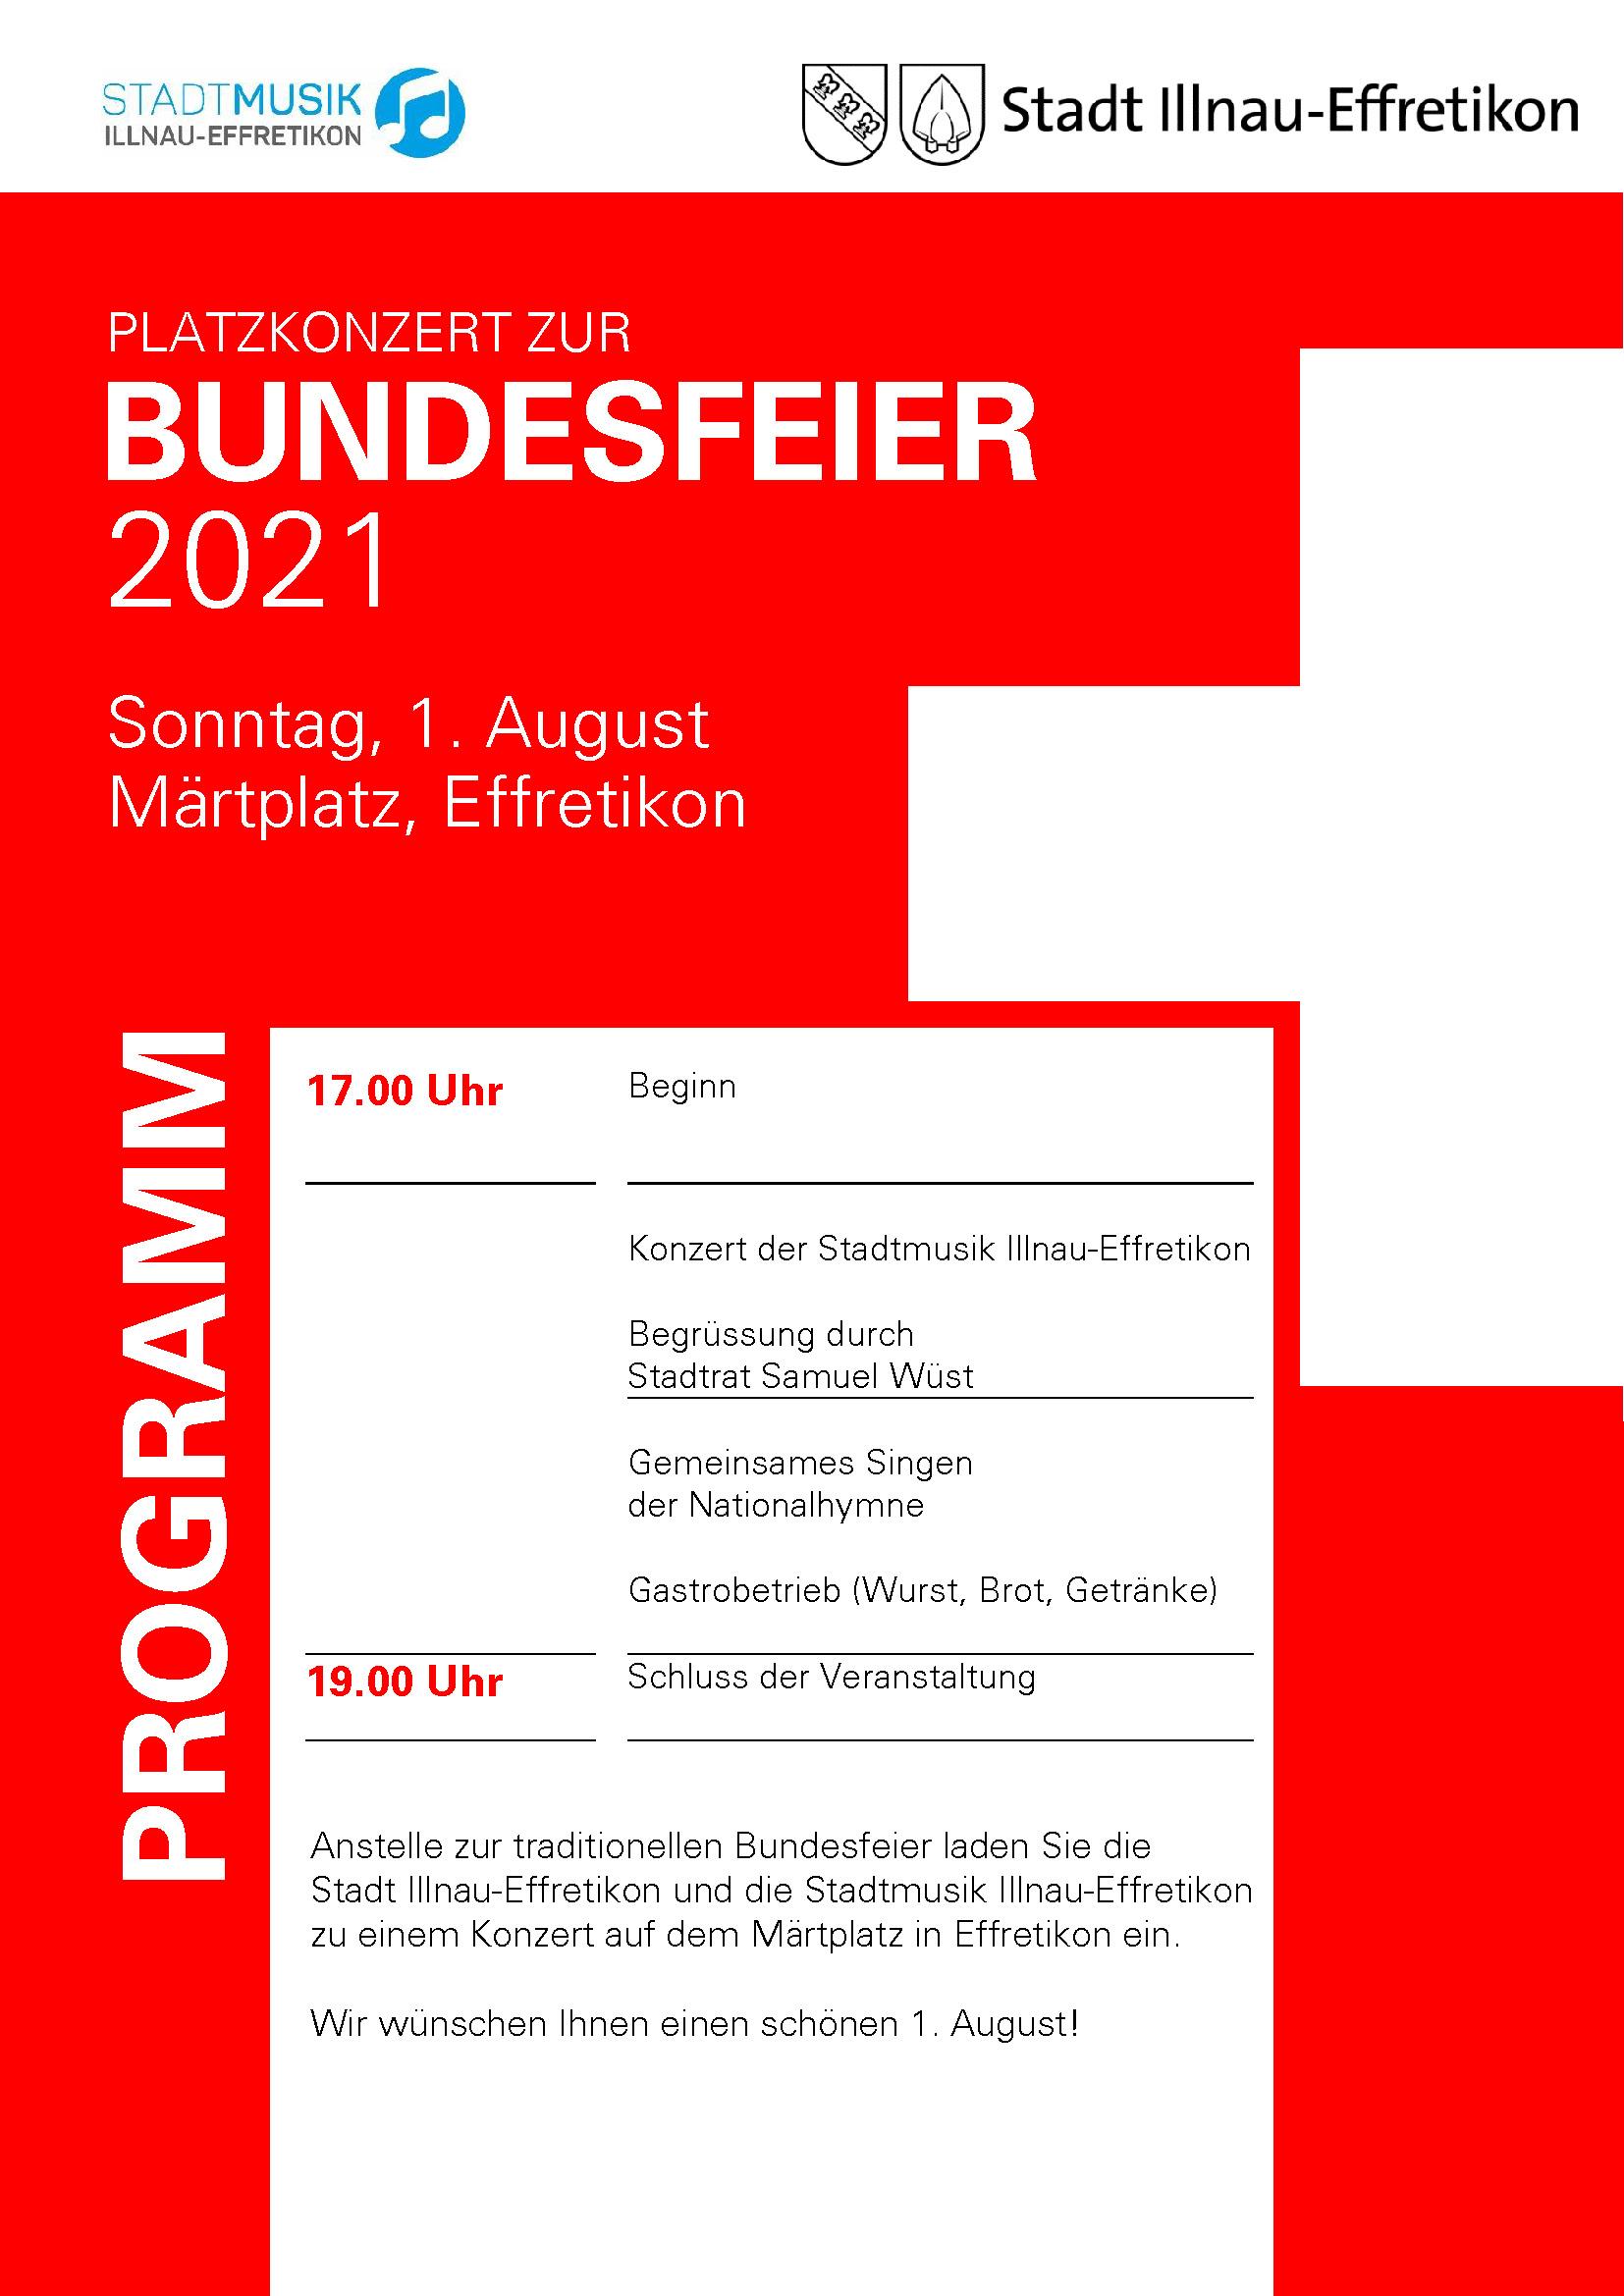 Bundesfeier 2021